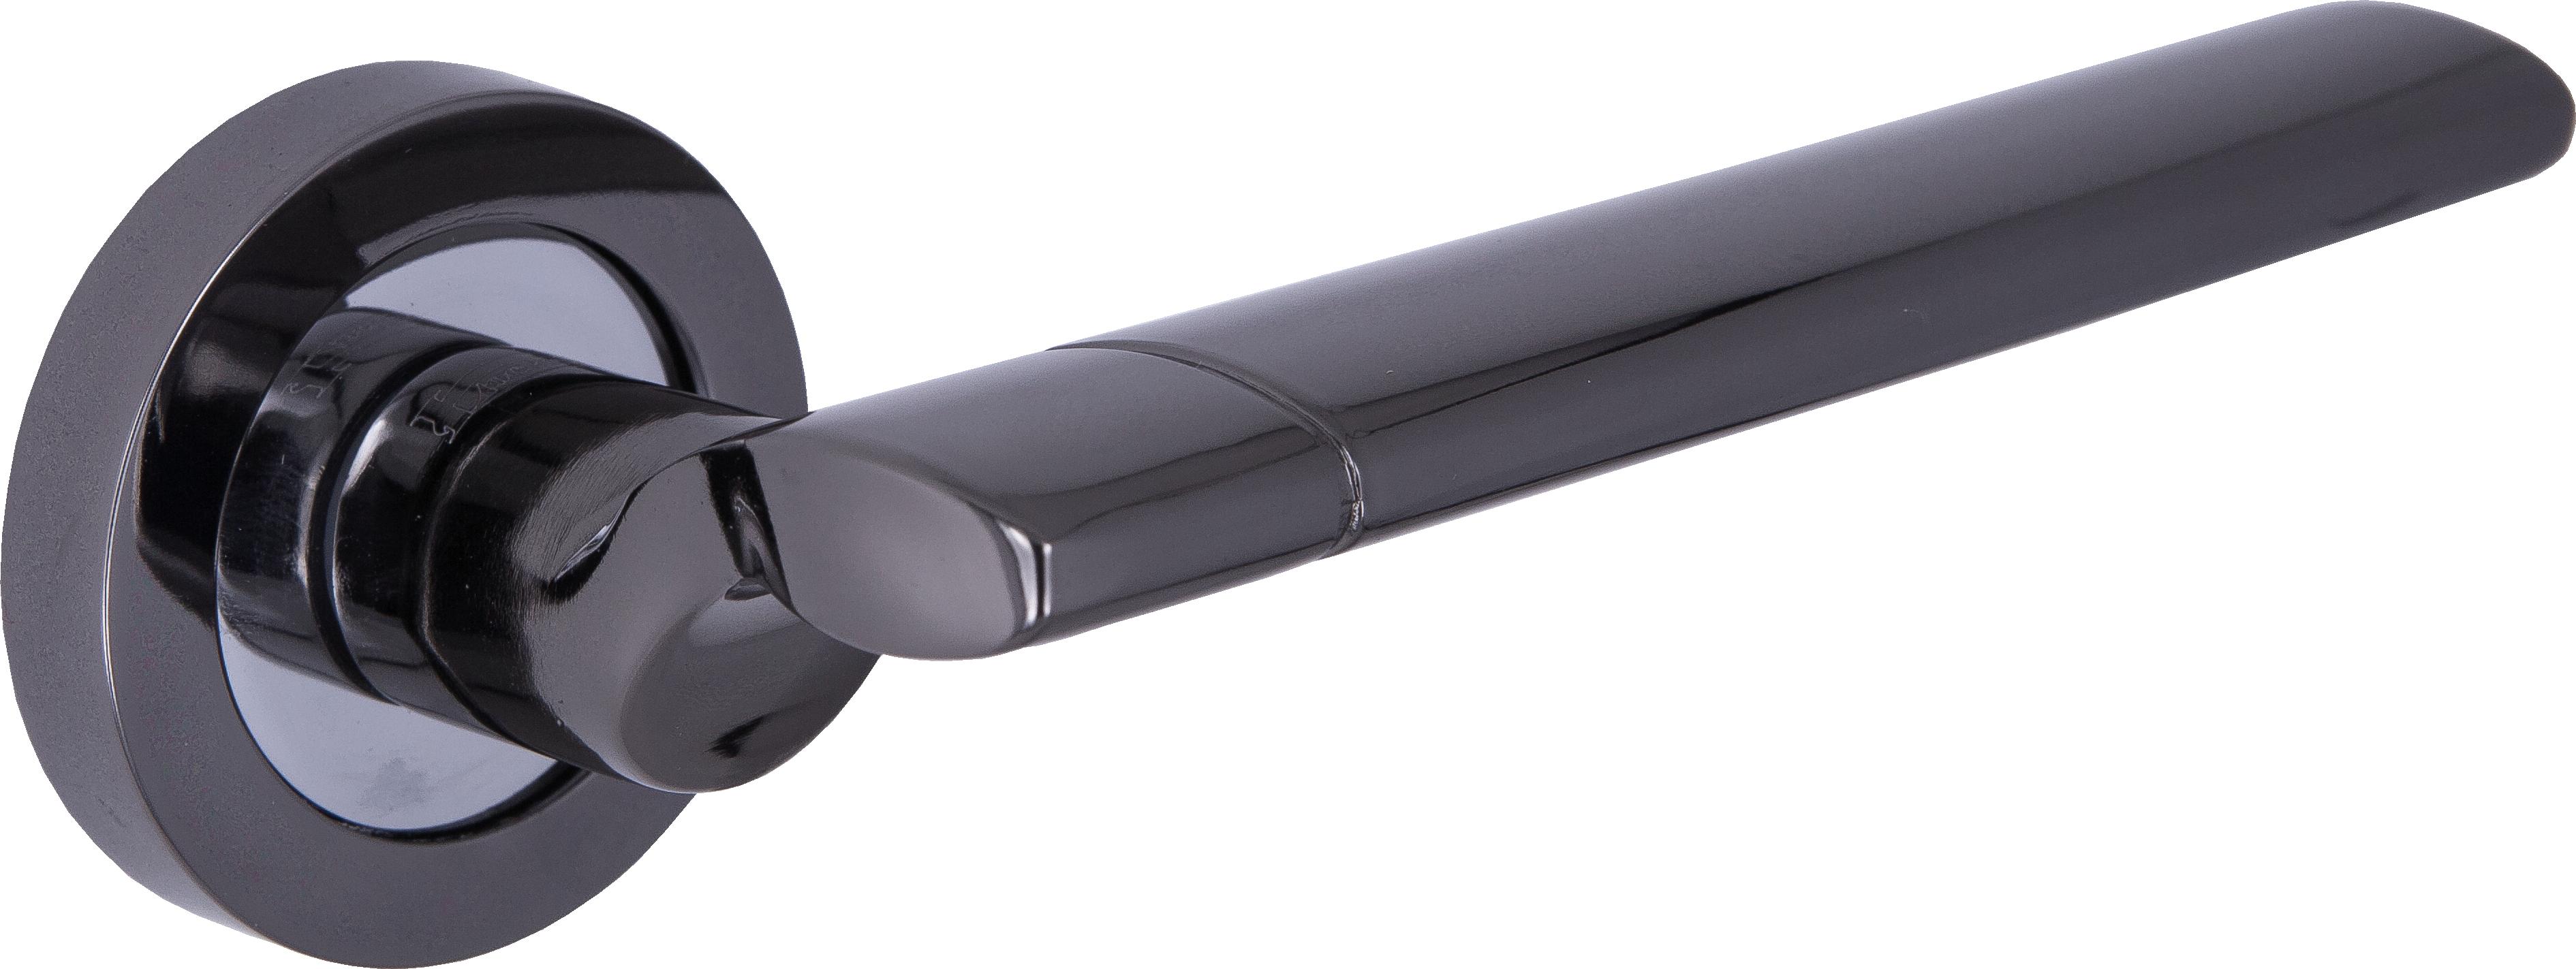 Ручка Локер 53209 BN/CP черный/хром (20 шт.)